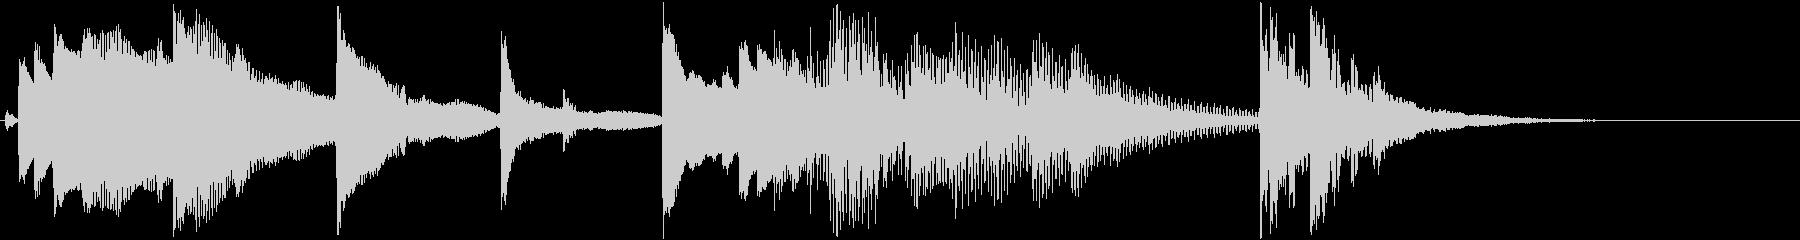 琴のワンフレーズ(和風)の未再生の波形